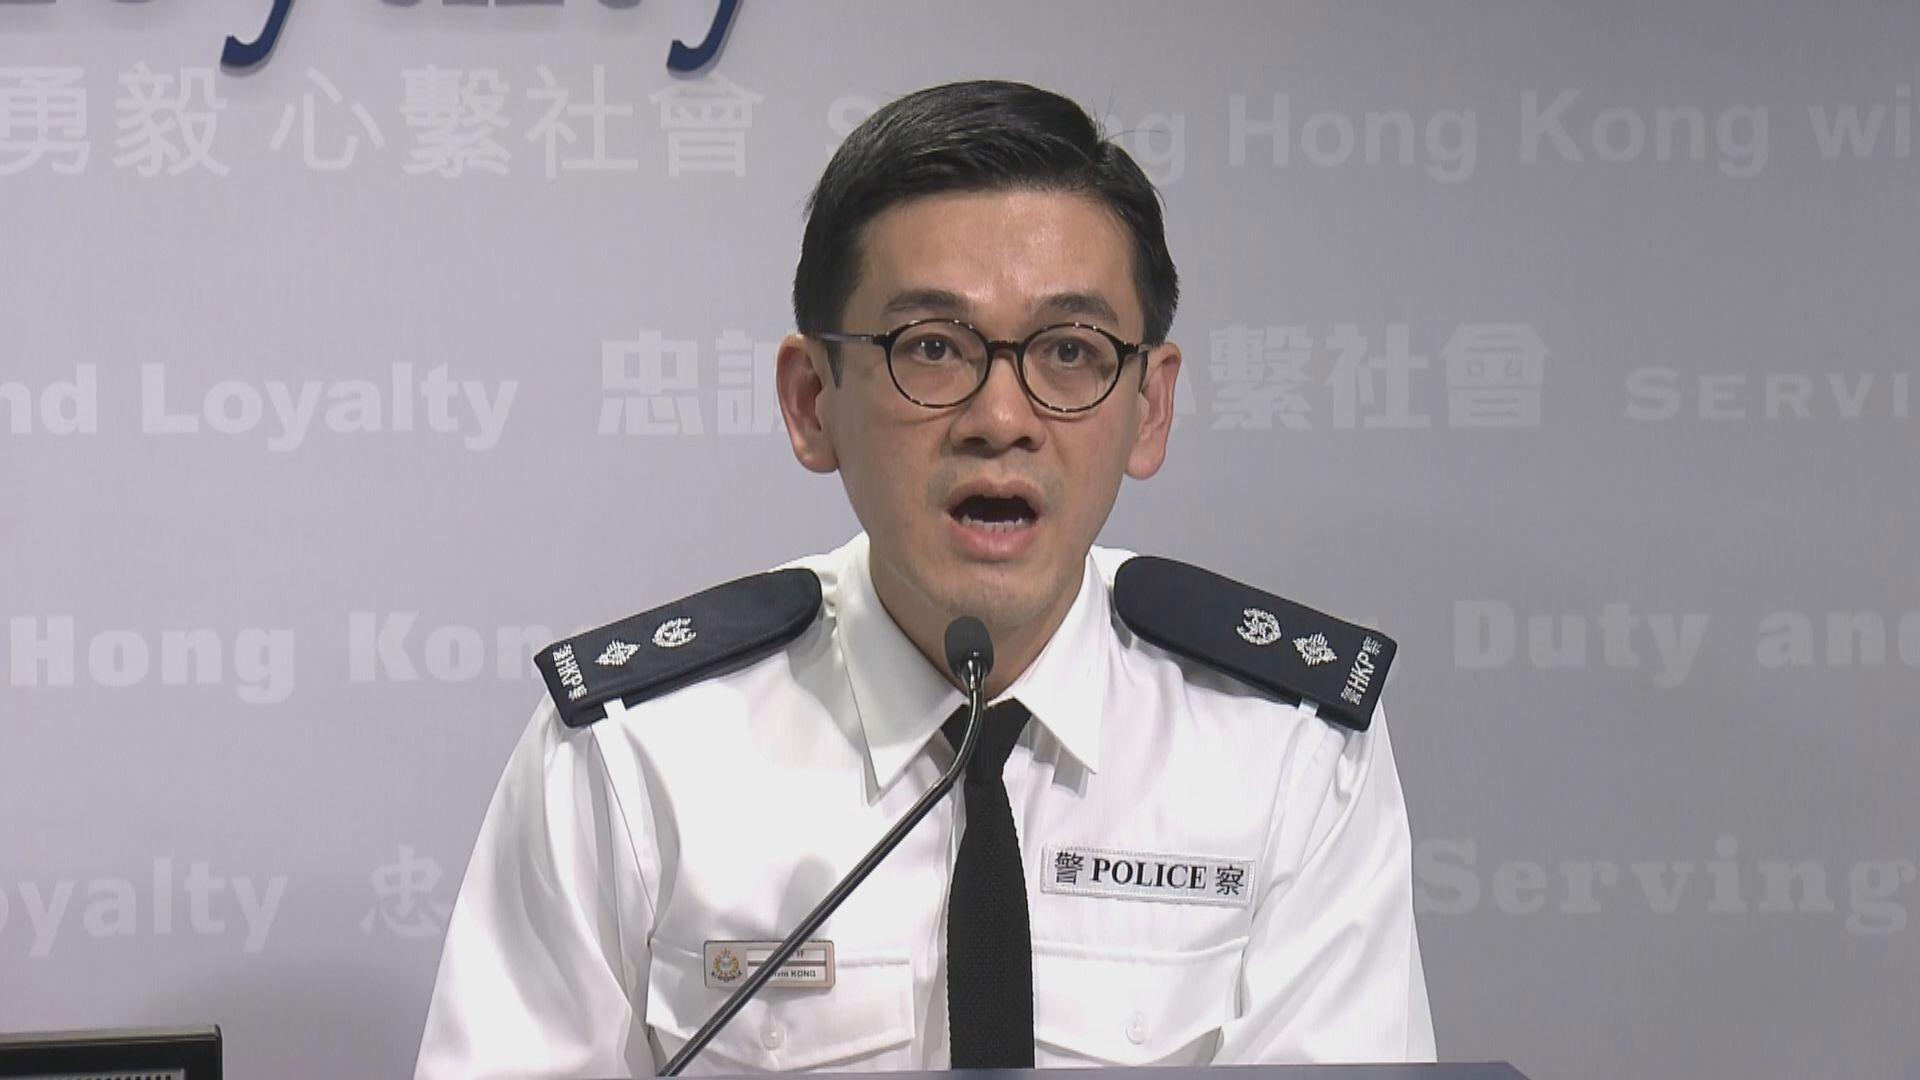 修例風波半年 警方使用1.6萬枚催淚彈